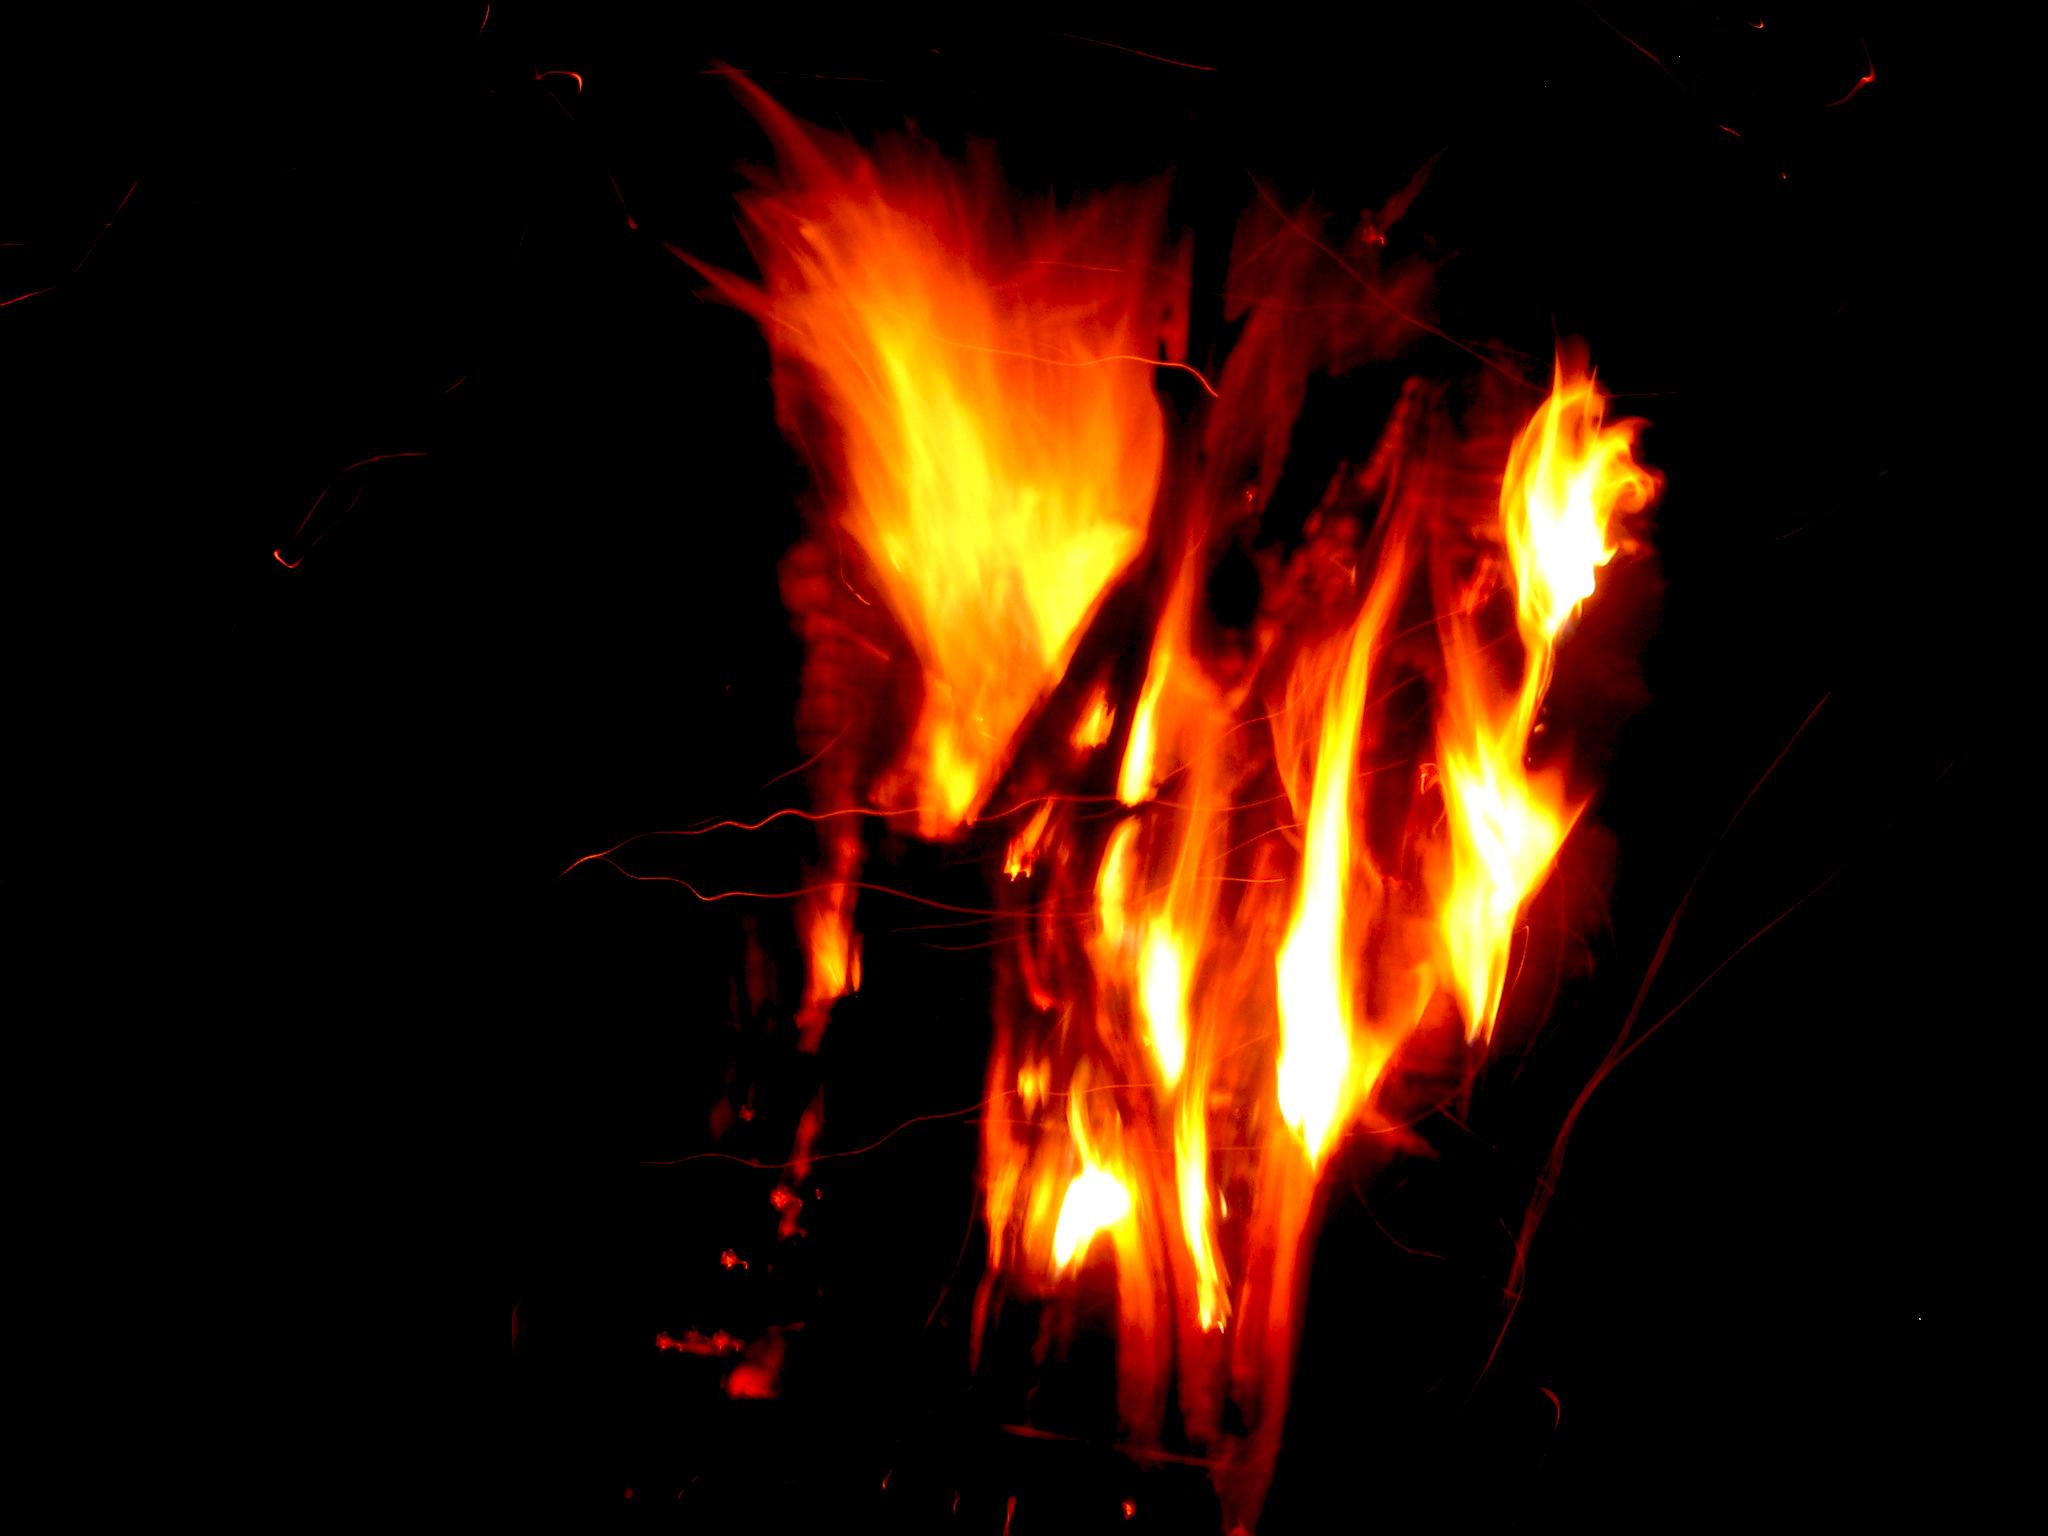 Filii Corvi – 08 – Perie v plameňoch